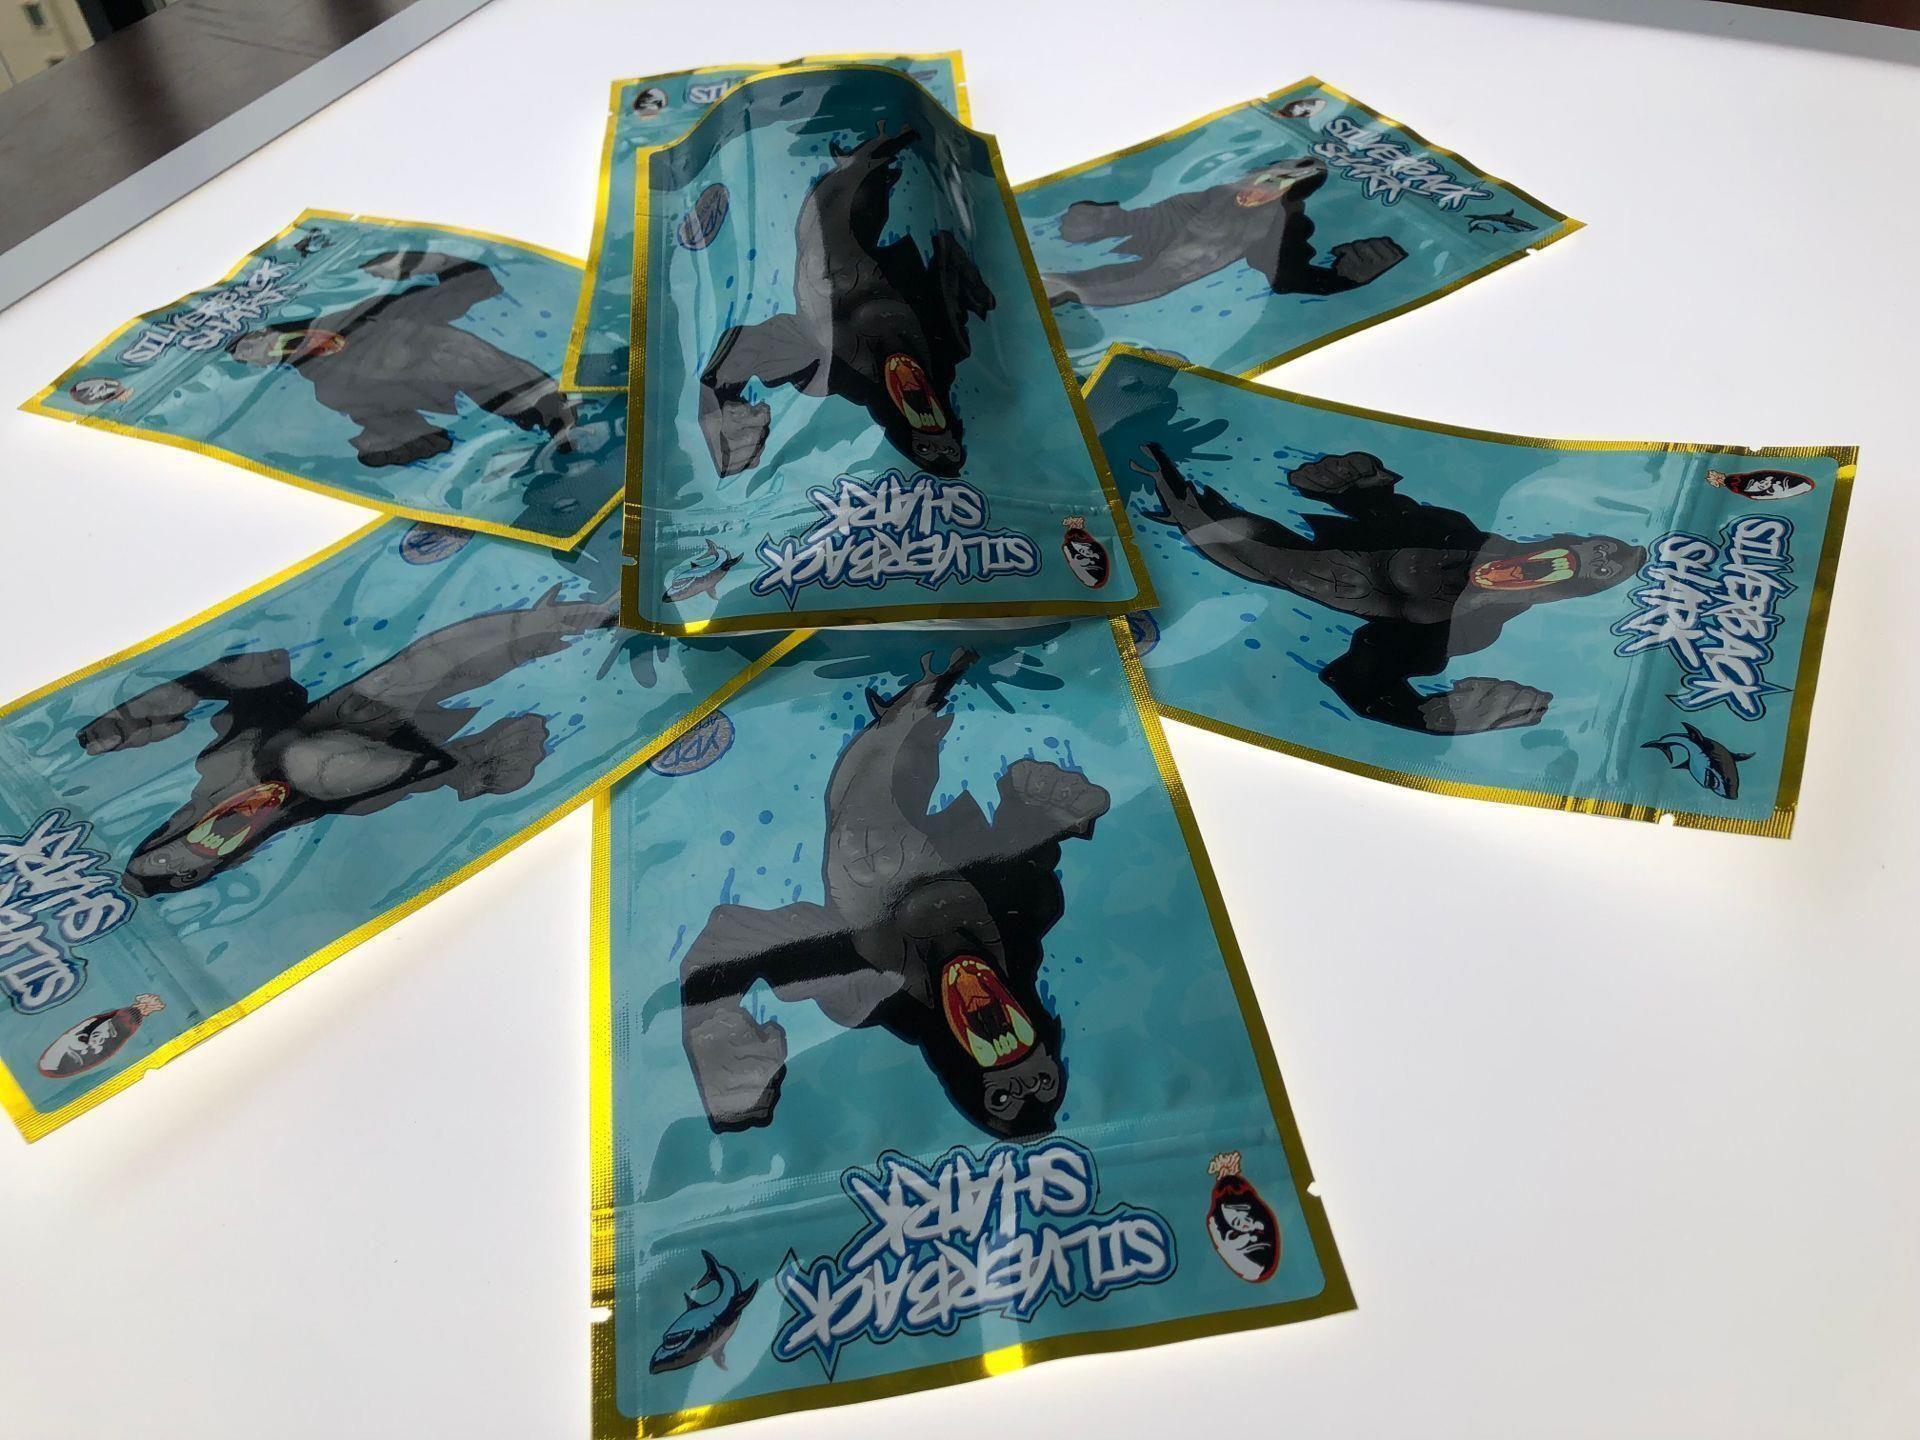 Şakalar Köpekbalığı Yukarı Sf Koku geçirmez Açılıp kapanabilir Çerezler Dokunmatik Runtz Ekmek Kaliforniya Köpekbalığı Mylar Cilt çocukların açamayacağı Gümüş wmtbbn 3.5-7g Çanta Ambalaj